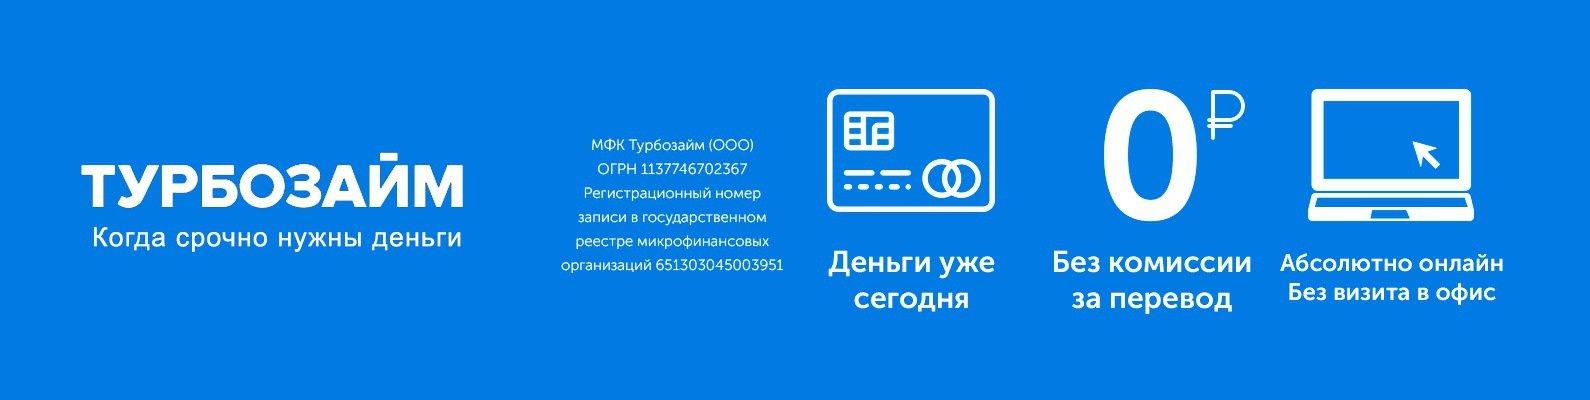 Фандей официальный сайт интернет магазин на русском языке краснодар